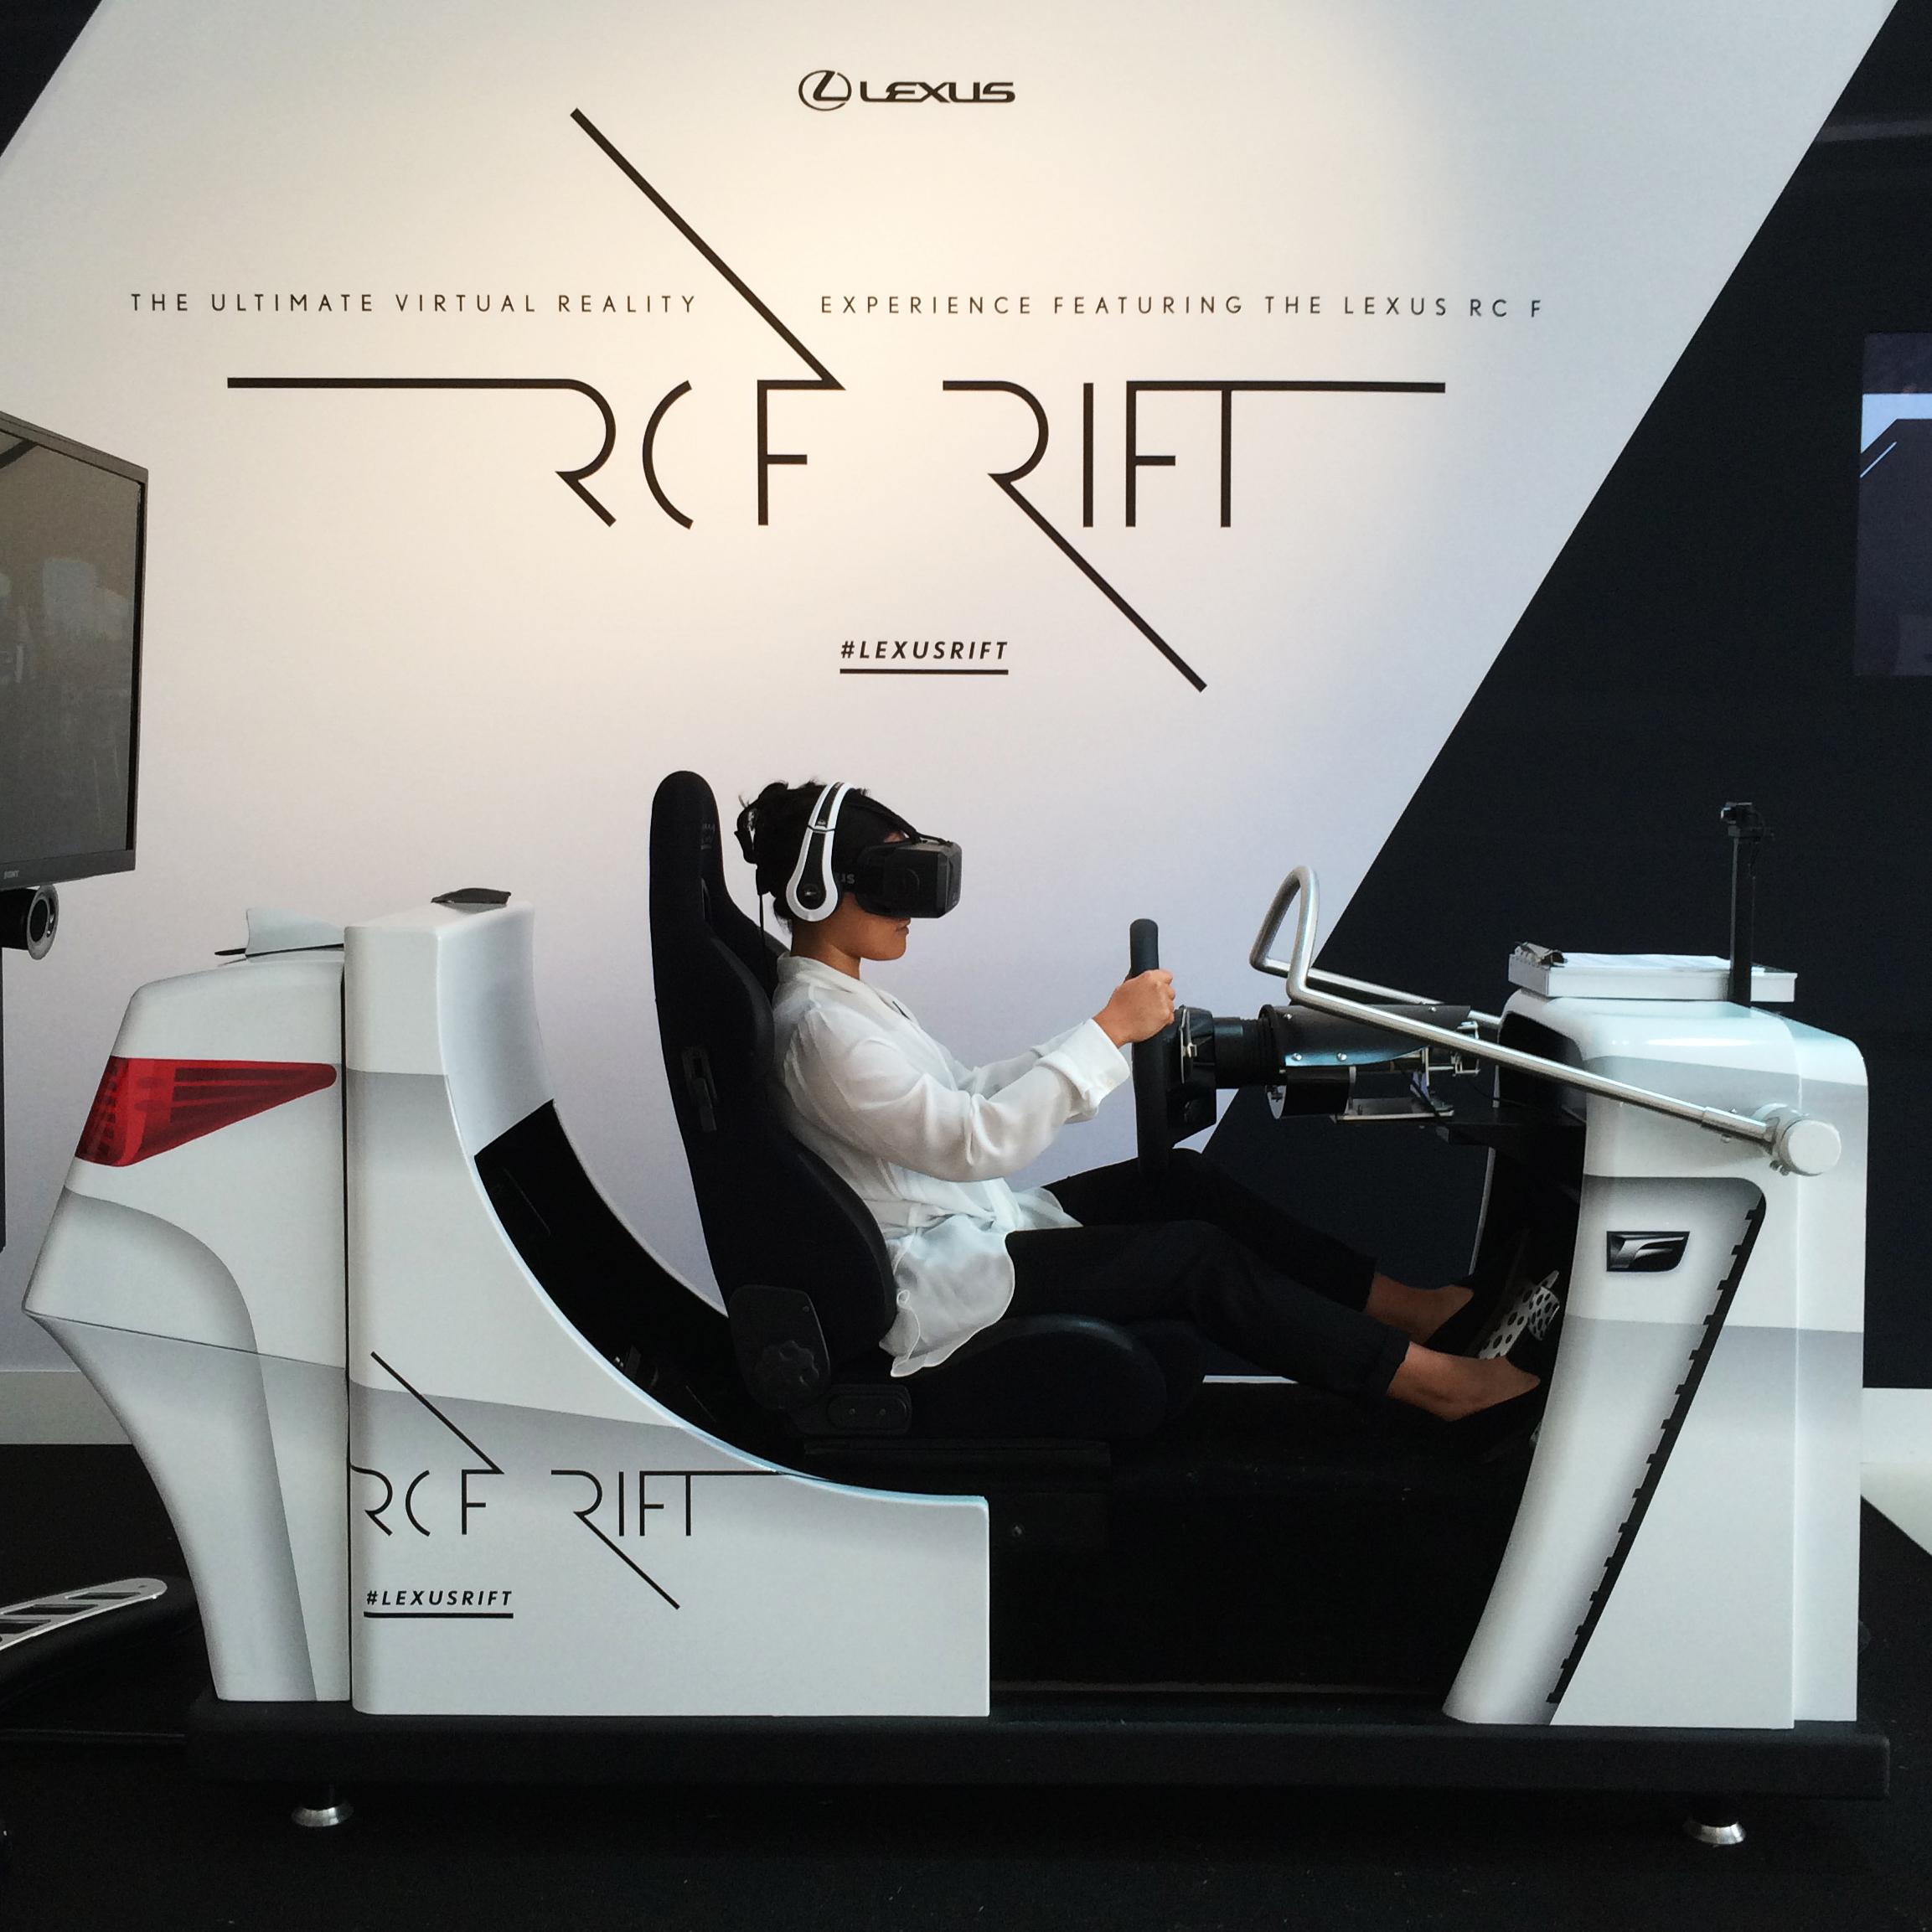 Симулятор Lexus RCF с использованием Oculus Rift Dk2.